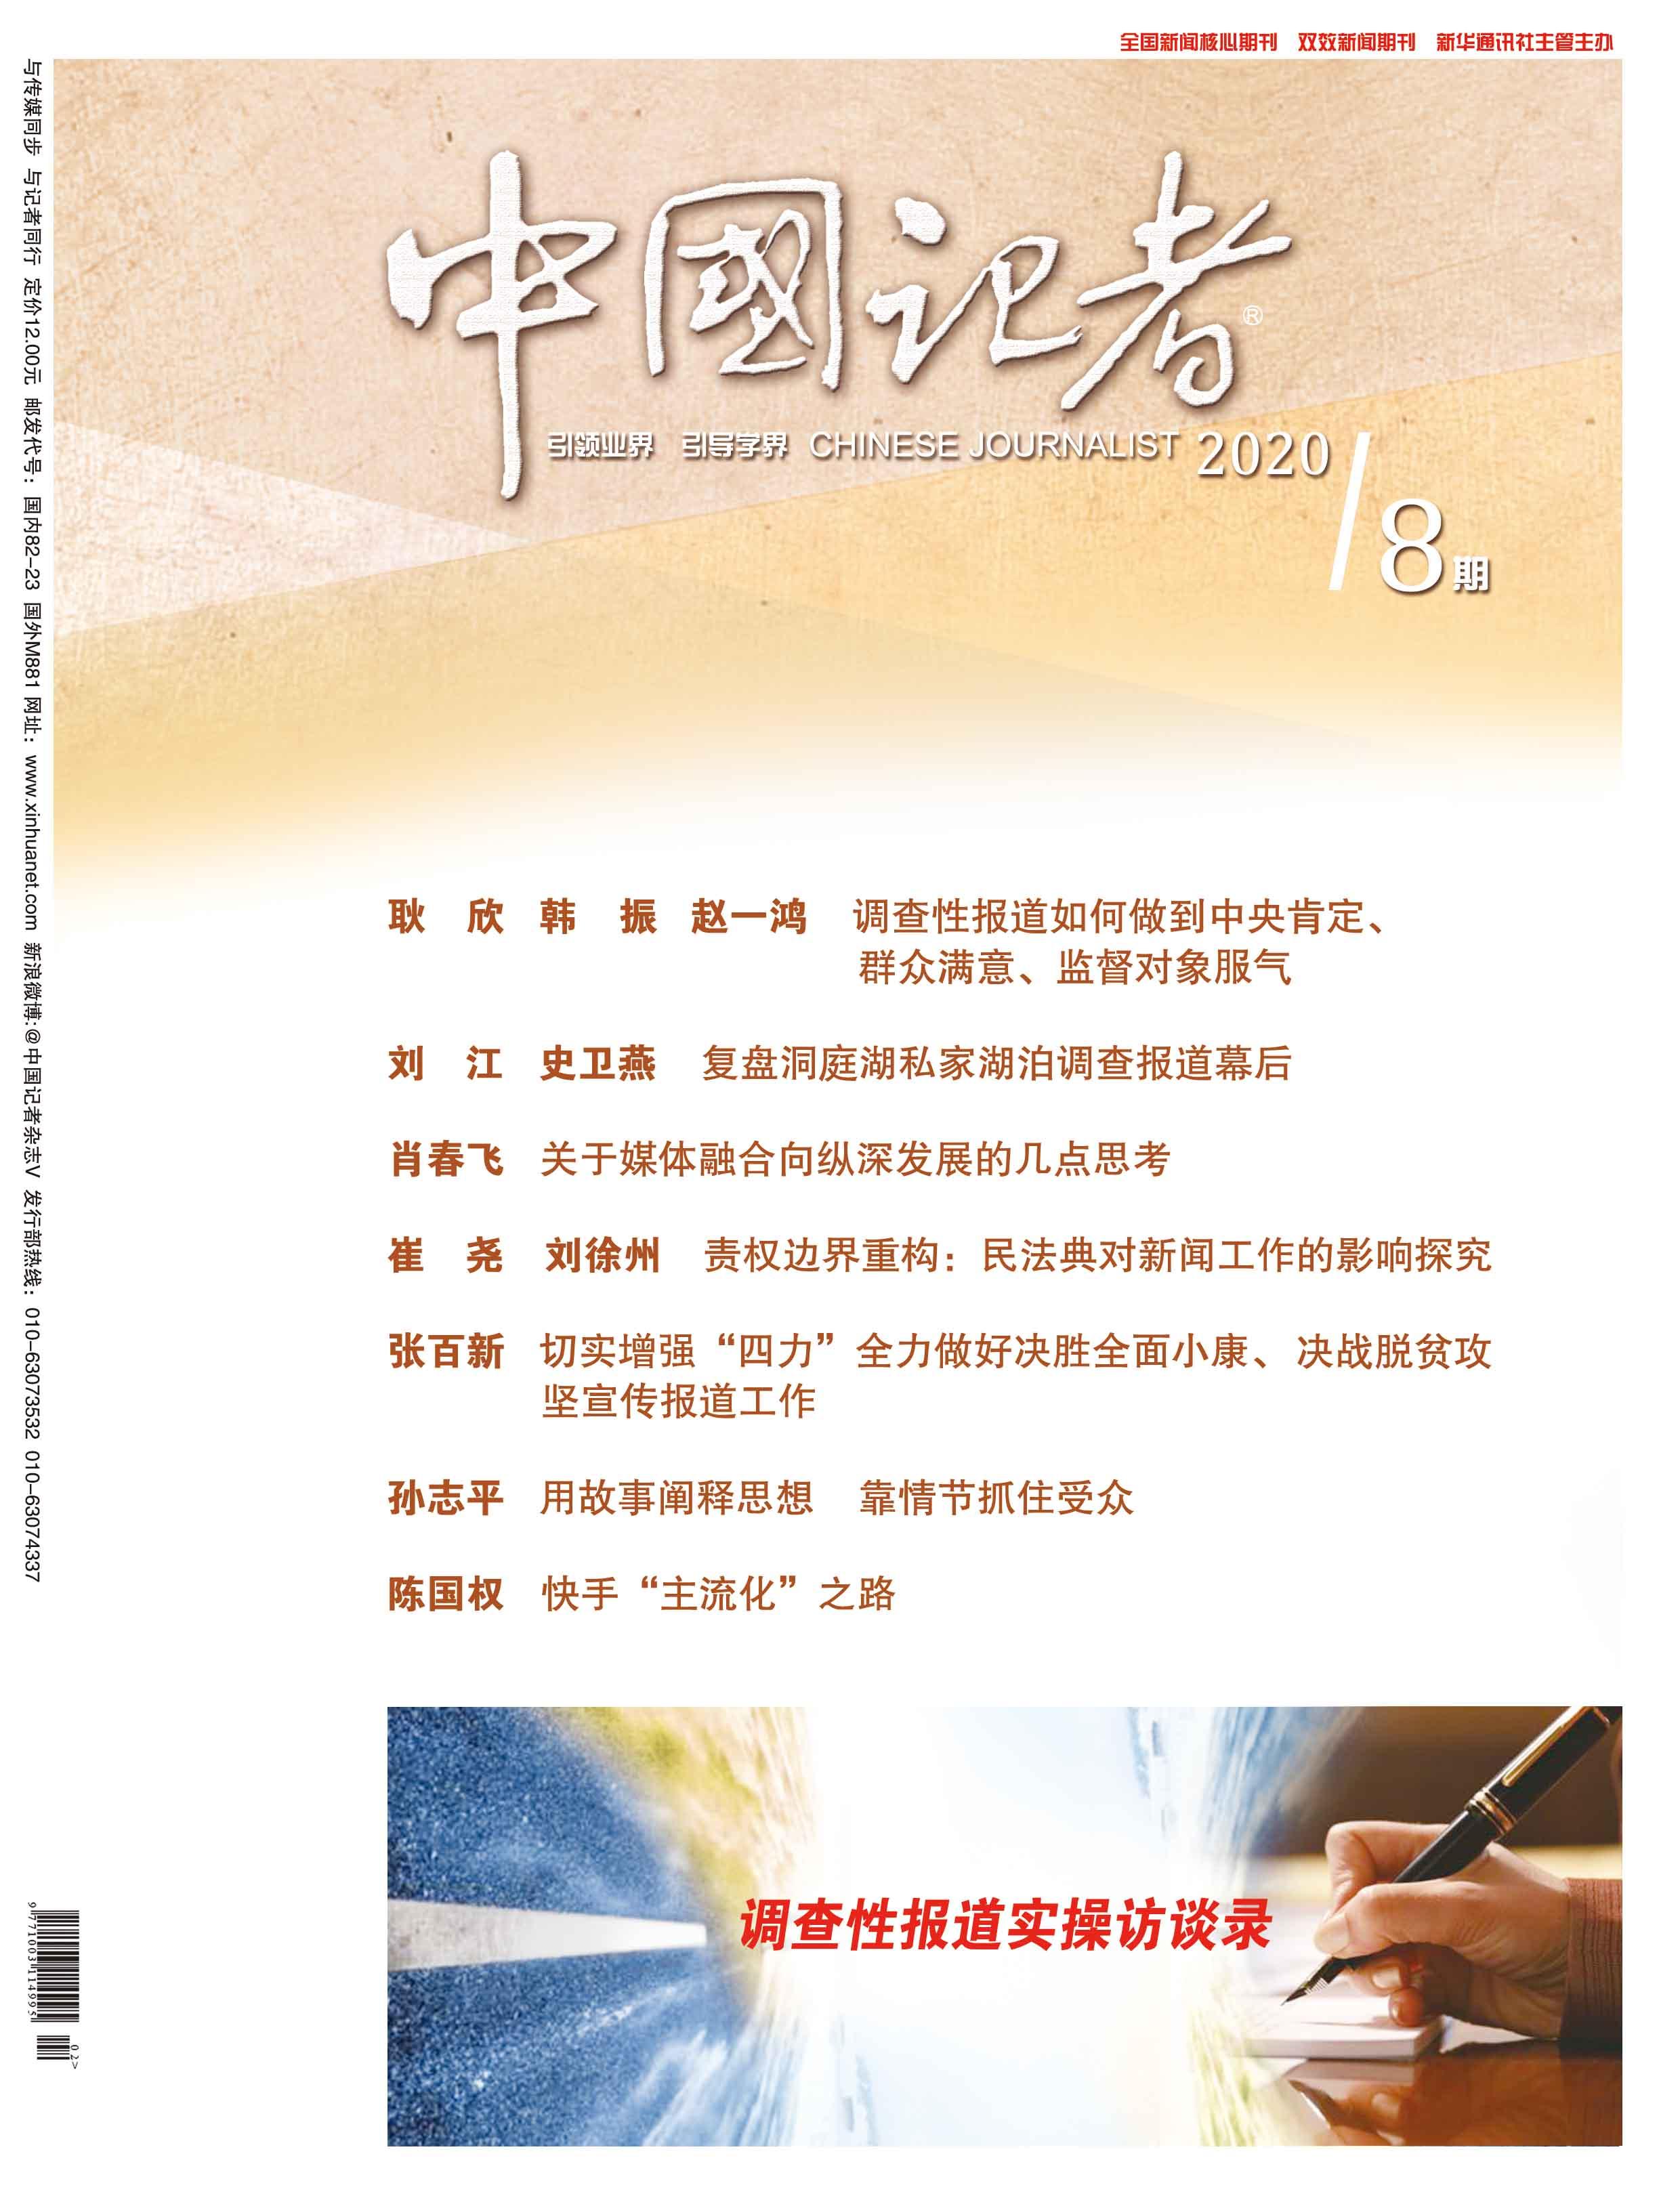 中國記者2020年第8期封面